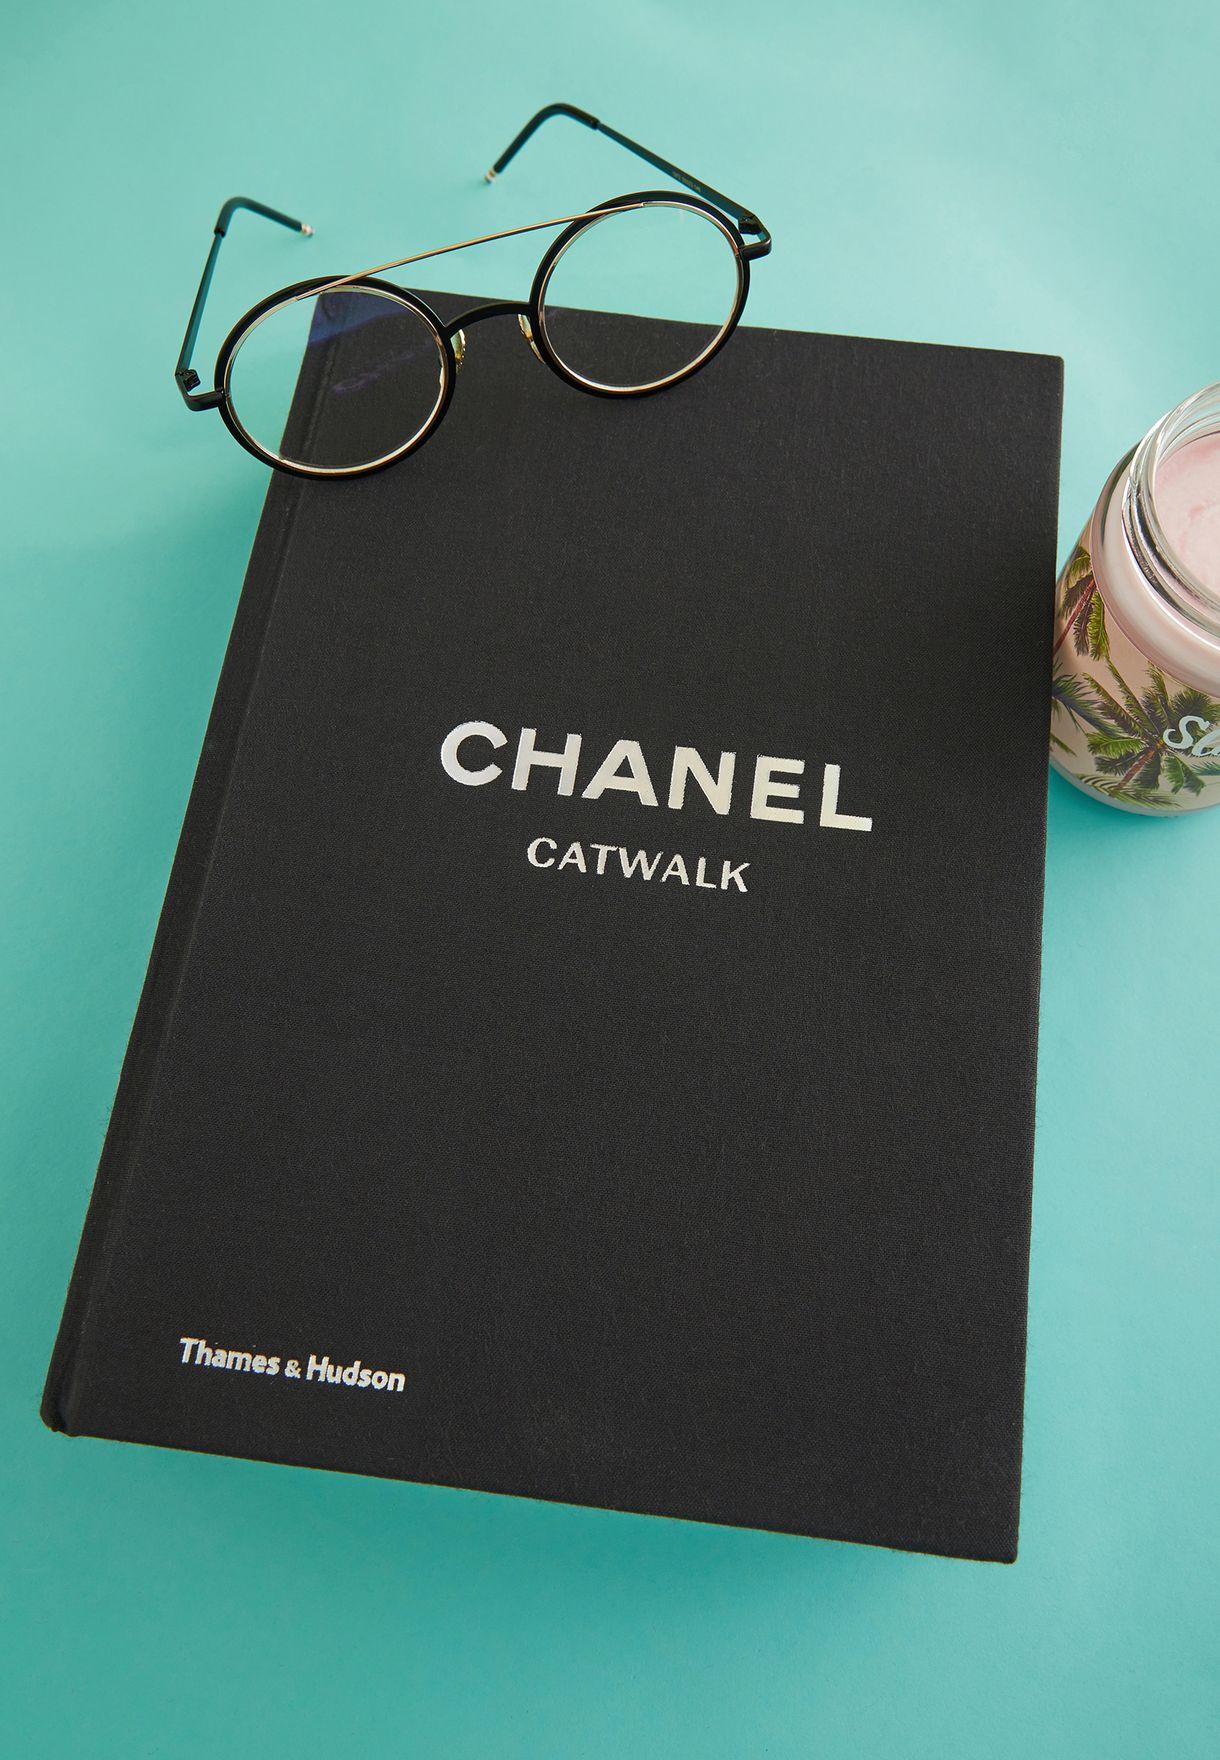 كتاب شانيل - كات ووك كارل لاغرفيلد